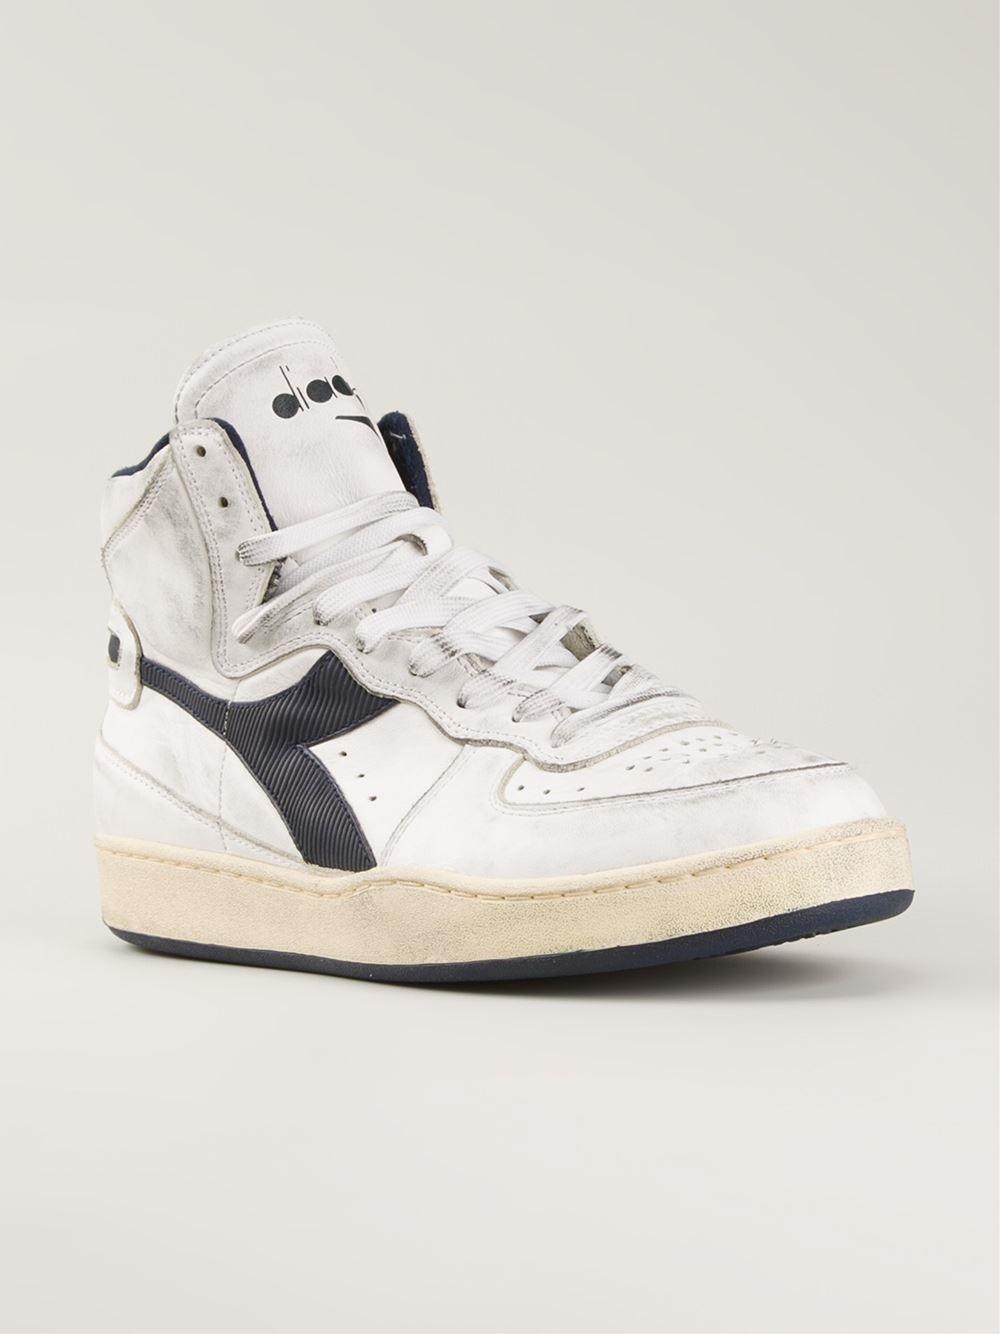 diadora sneakers - photo #35